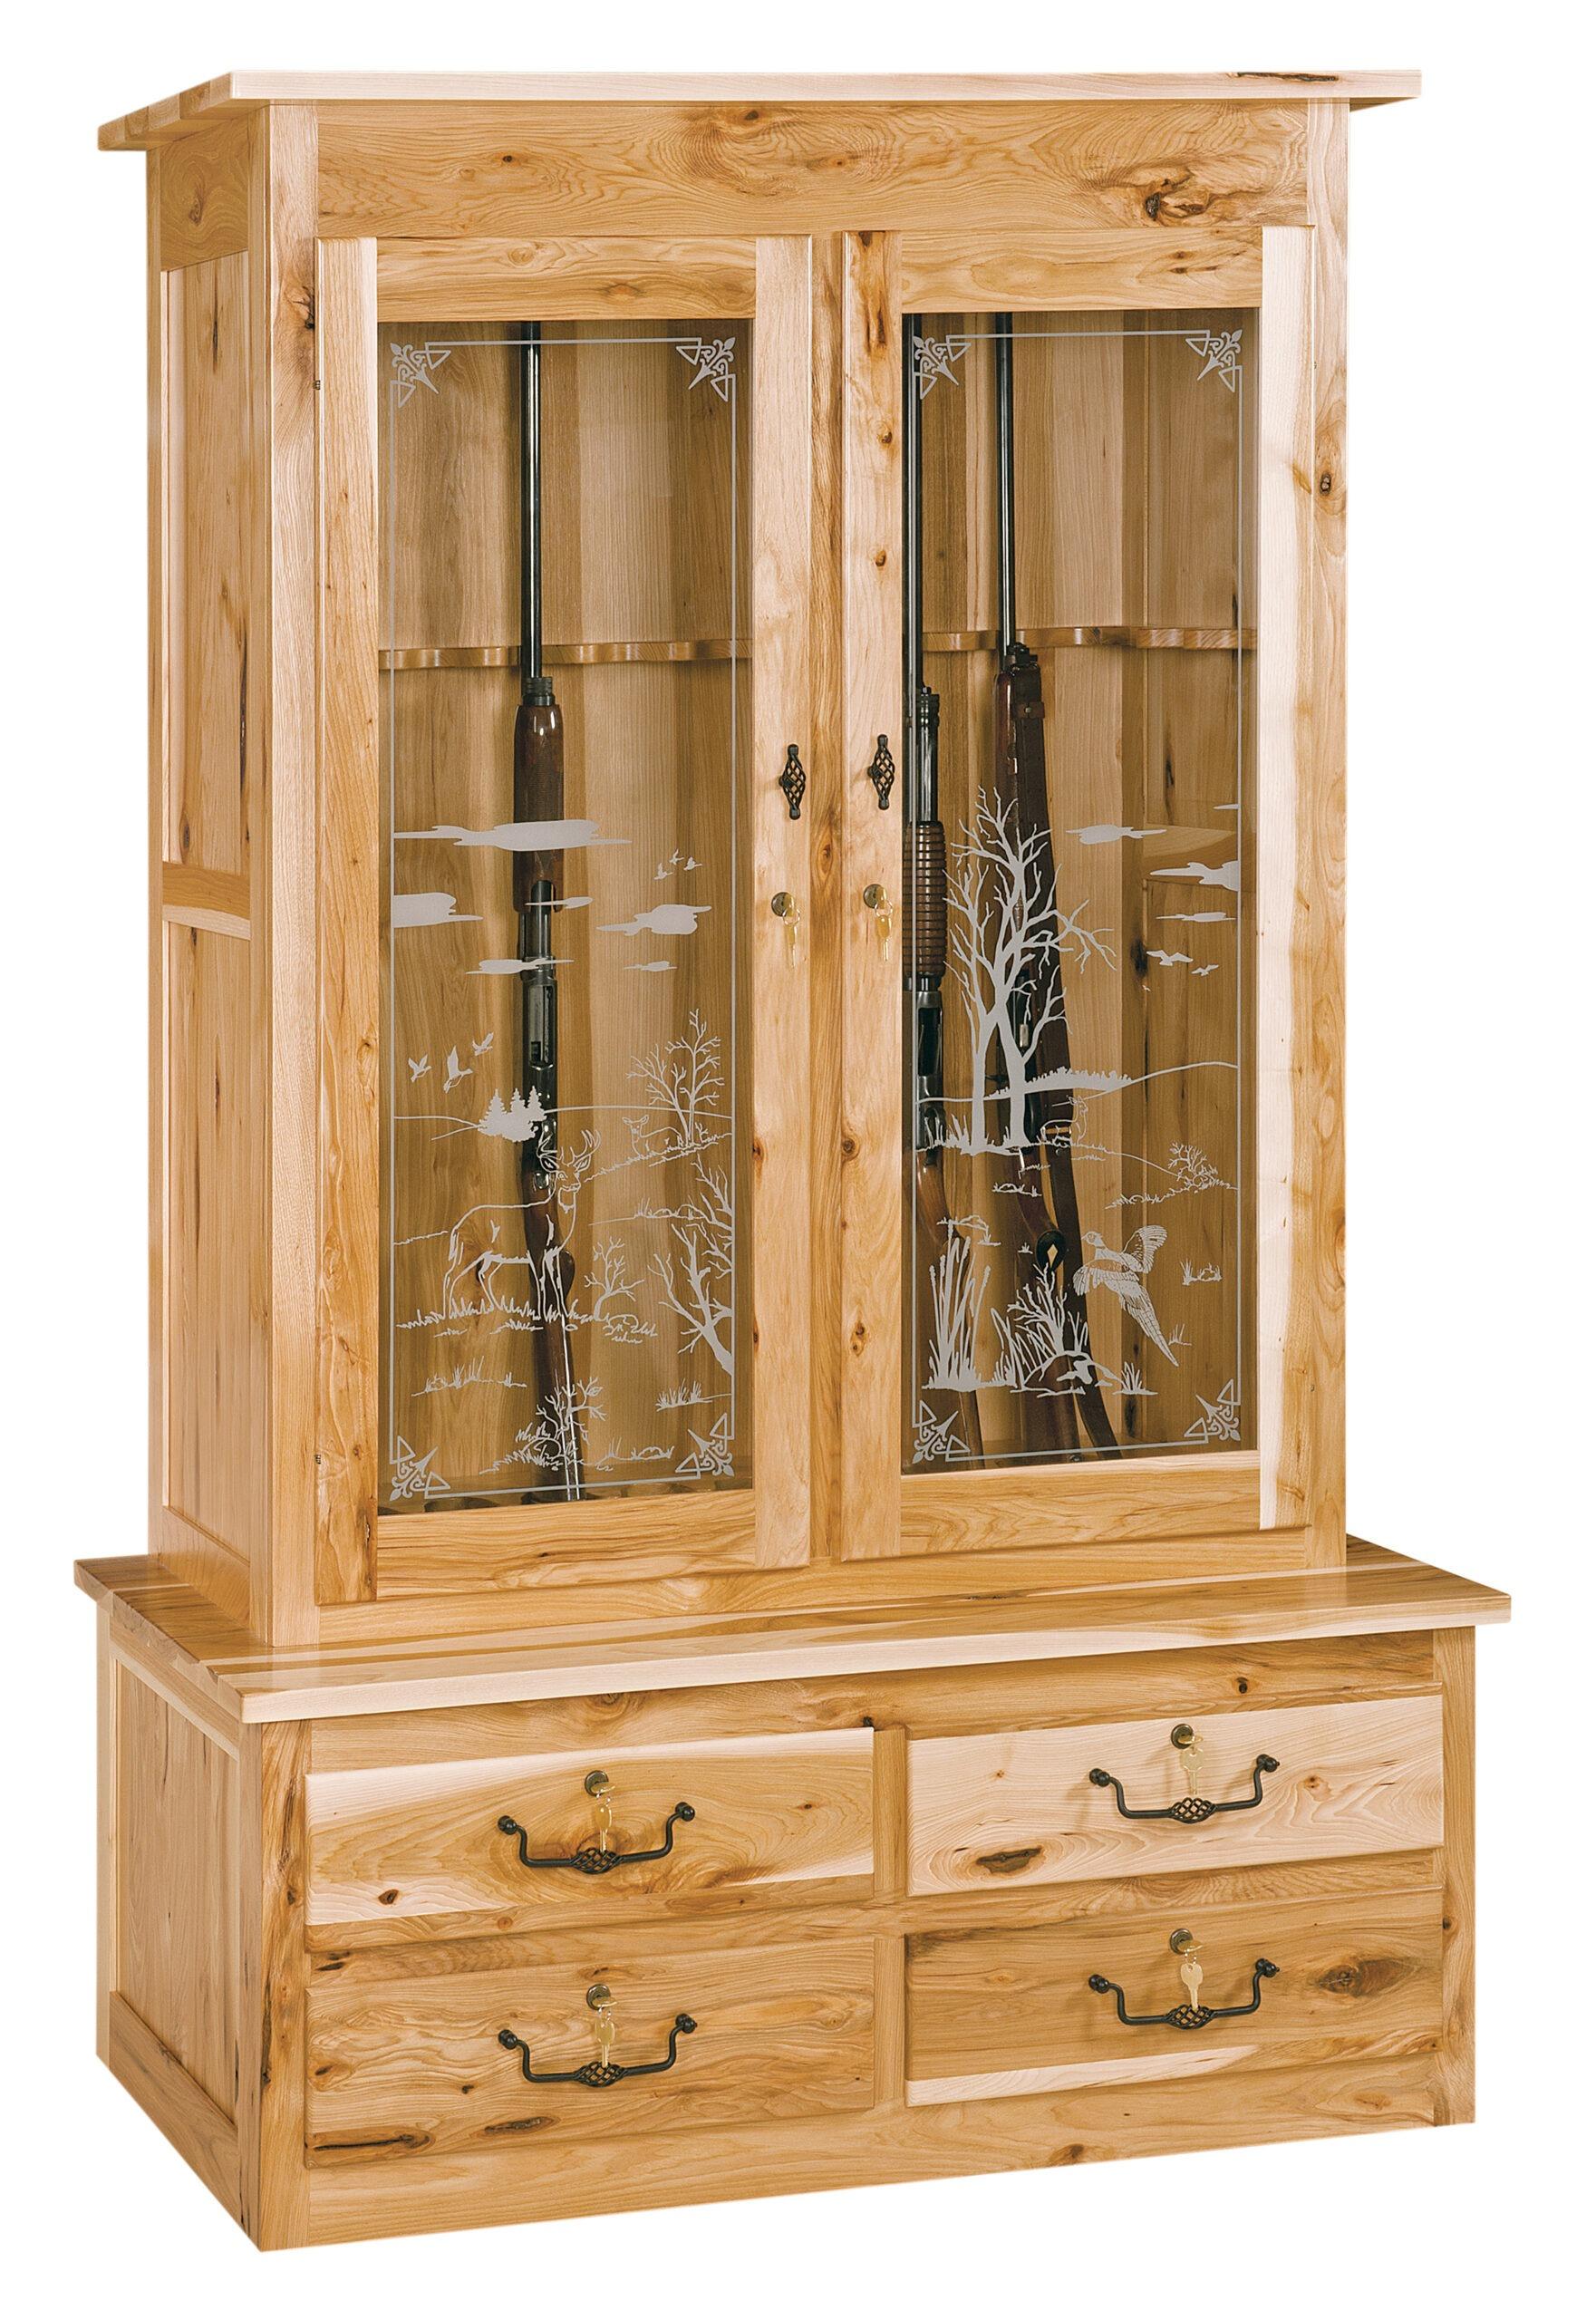 2 Door Gun Cabinet and Accessories